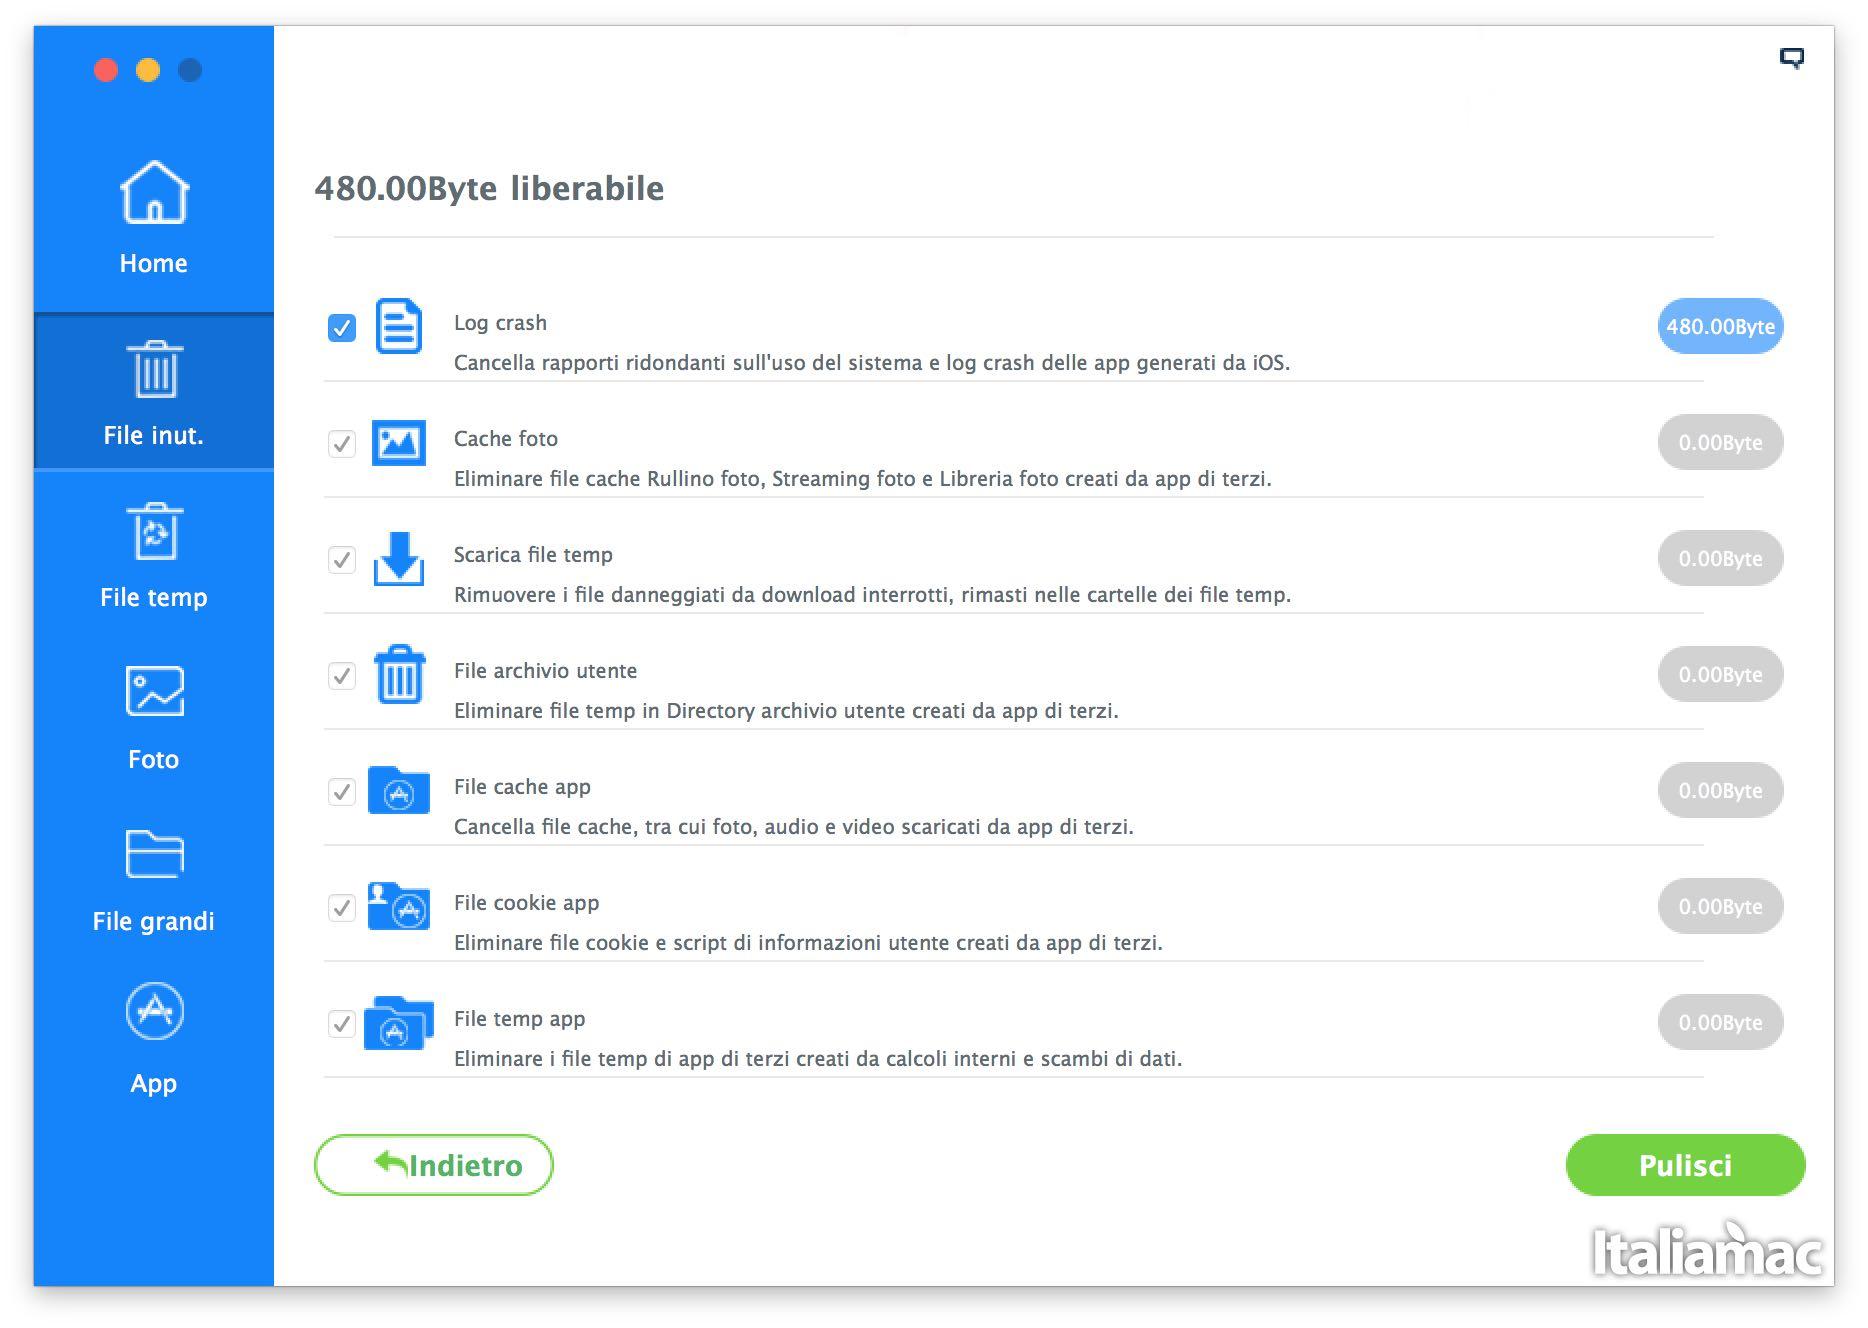 file inutili iMyfone Umate: Eliminare file inutili da iPhone con un click